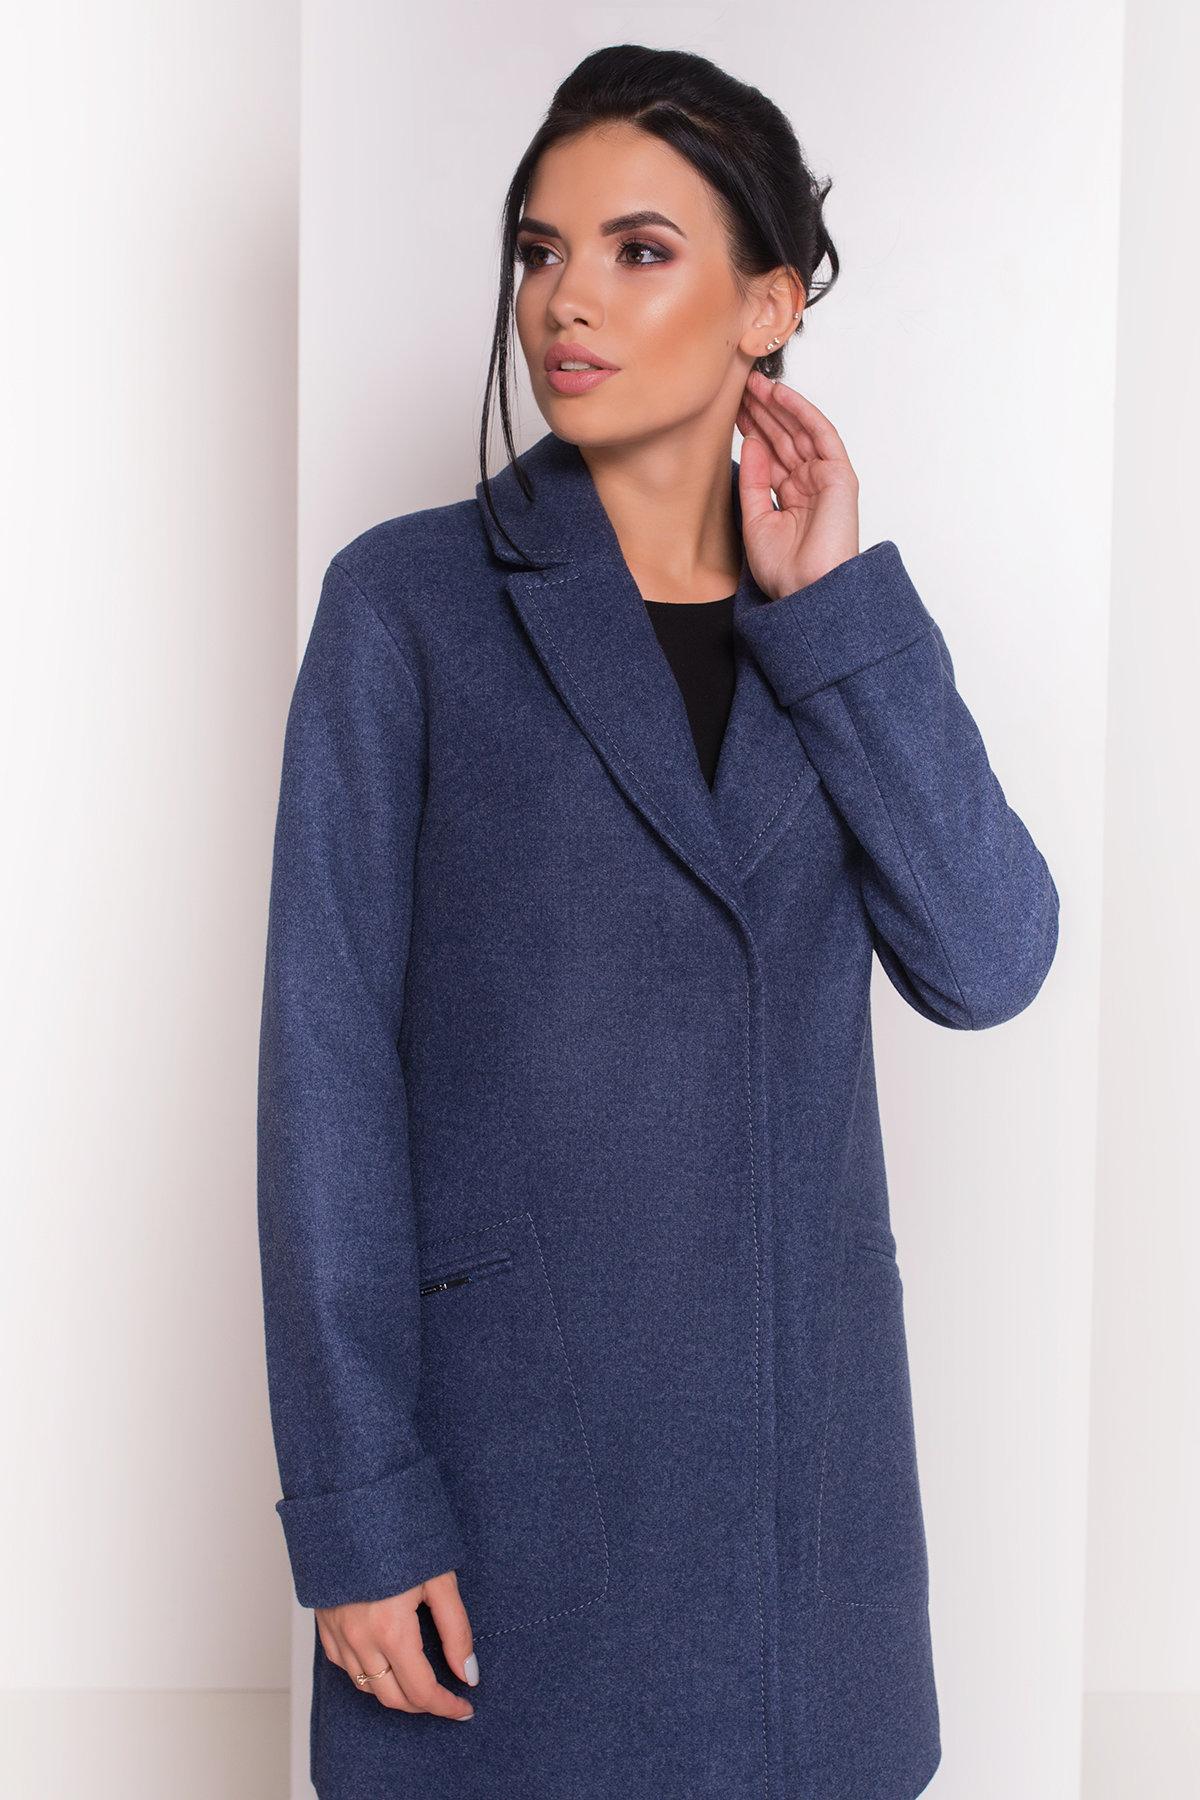 Пальто Ждана  5405 АРТ. 36715 Цвет: Джинс - фото 3, интернет магазин tm-modus.ru